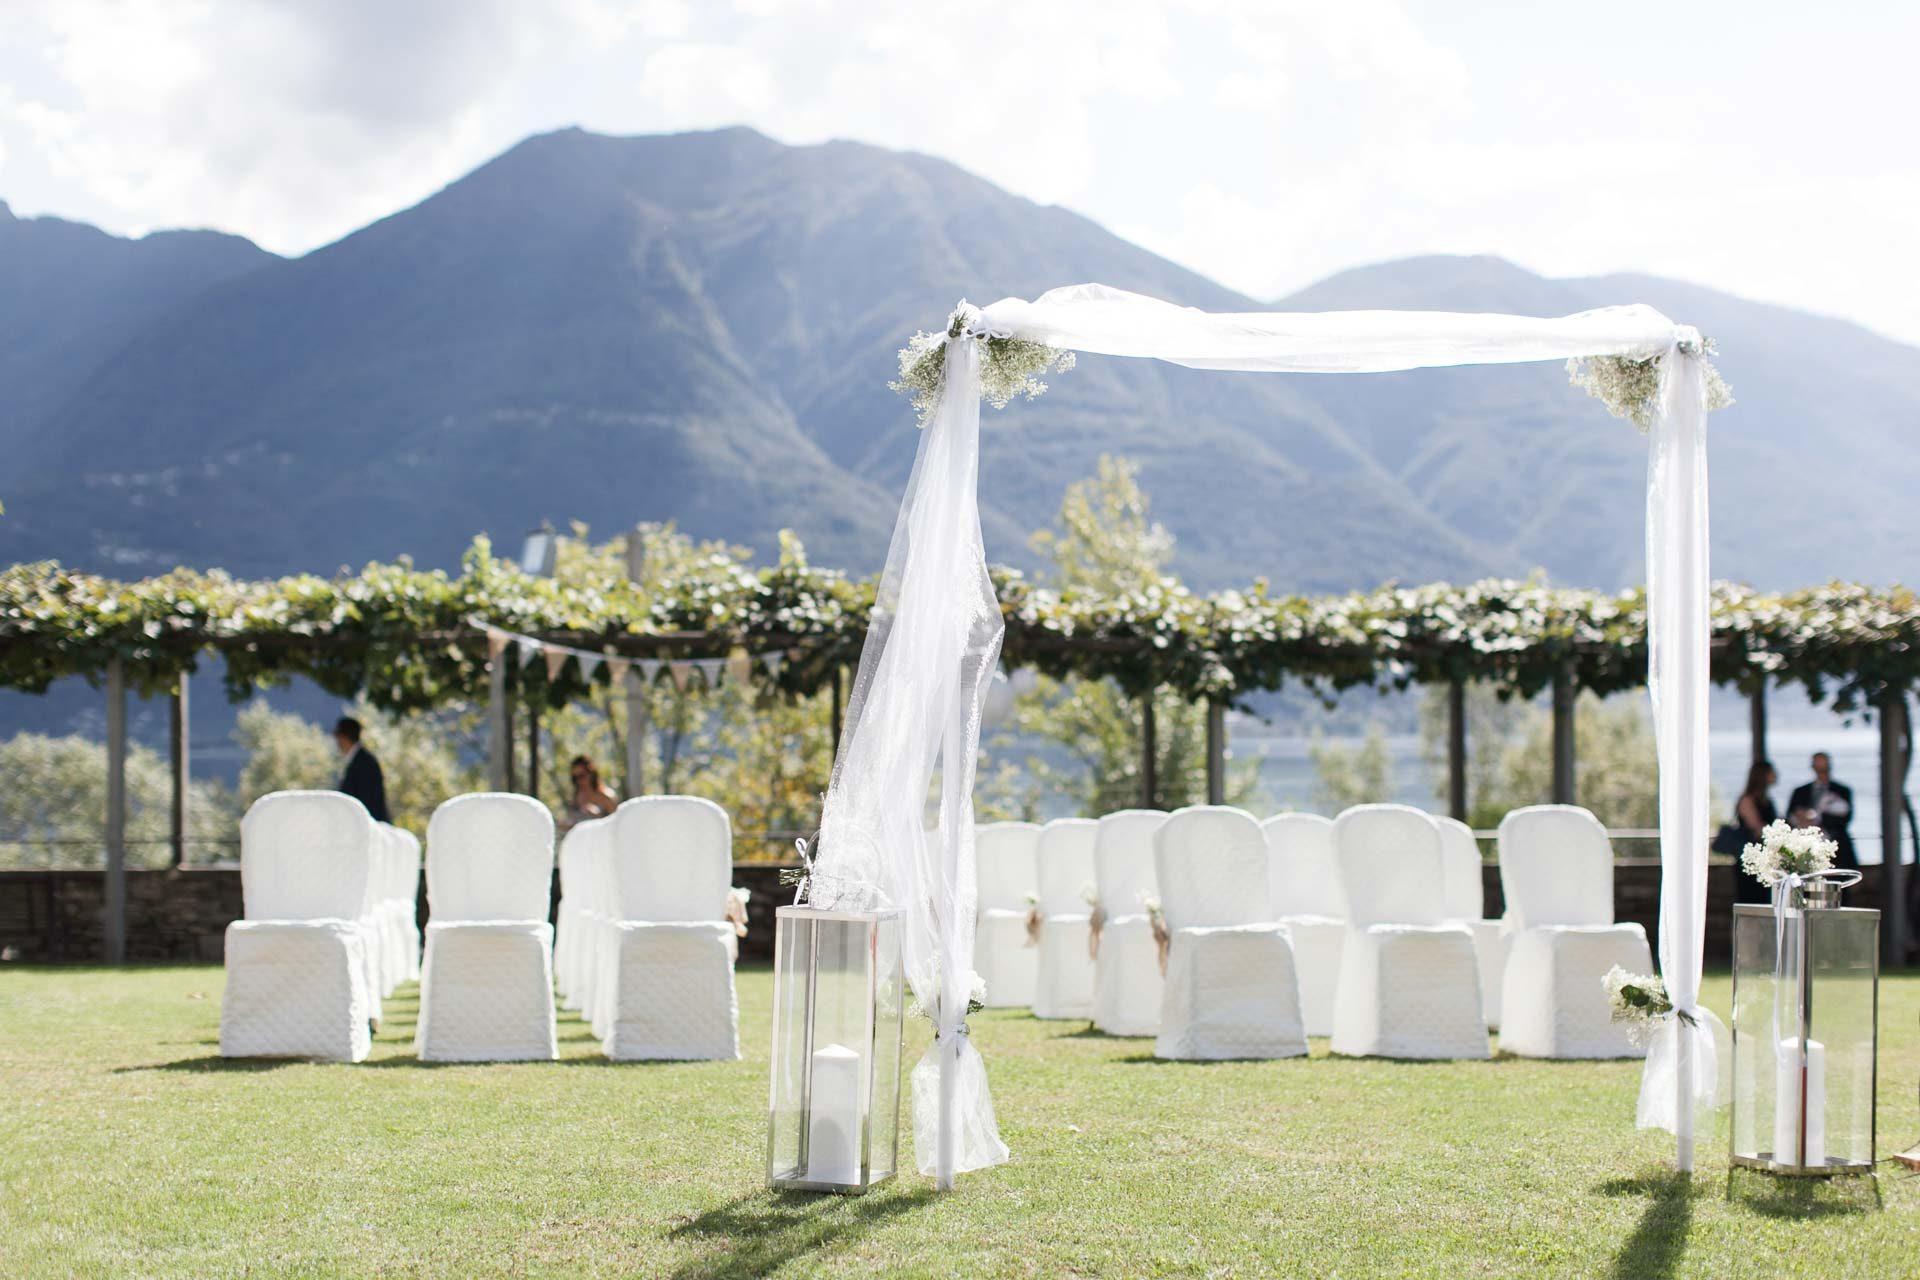 Hochzeit Trauung im FreienVilla San Quirico BHLDN Penelope-053